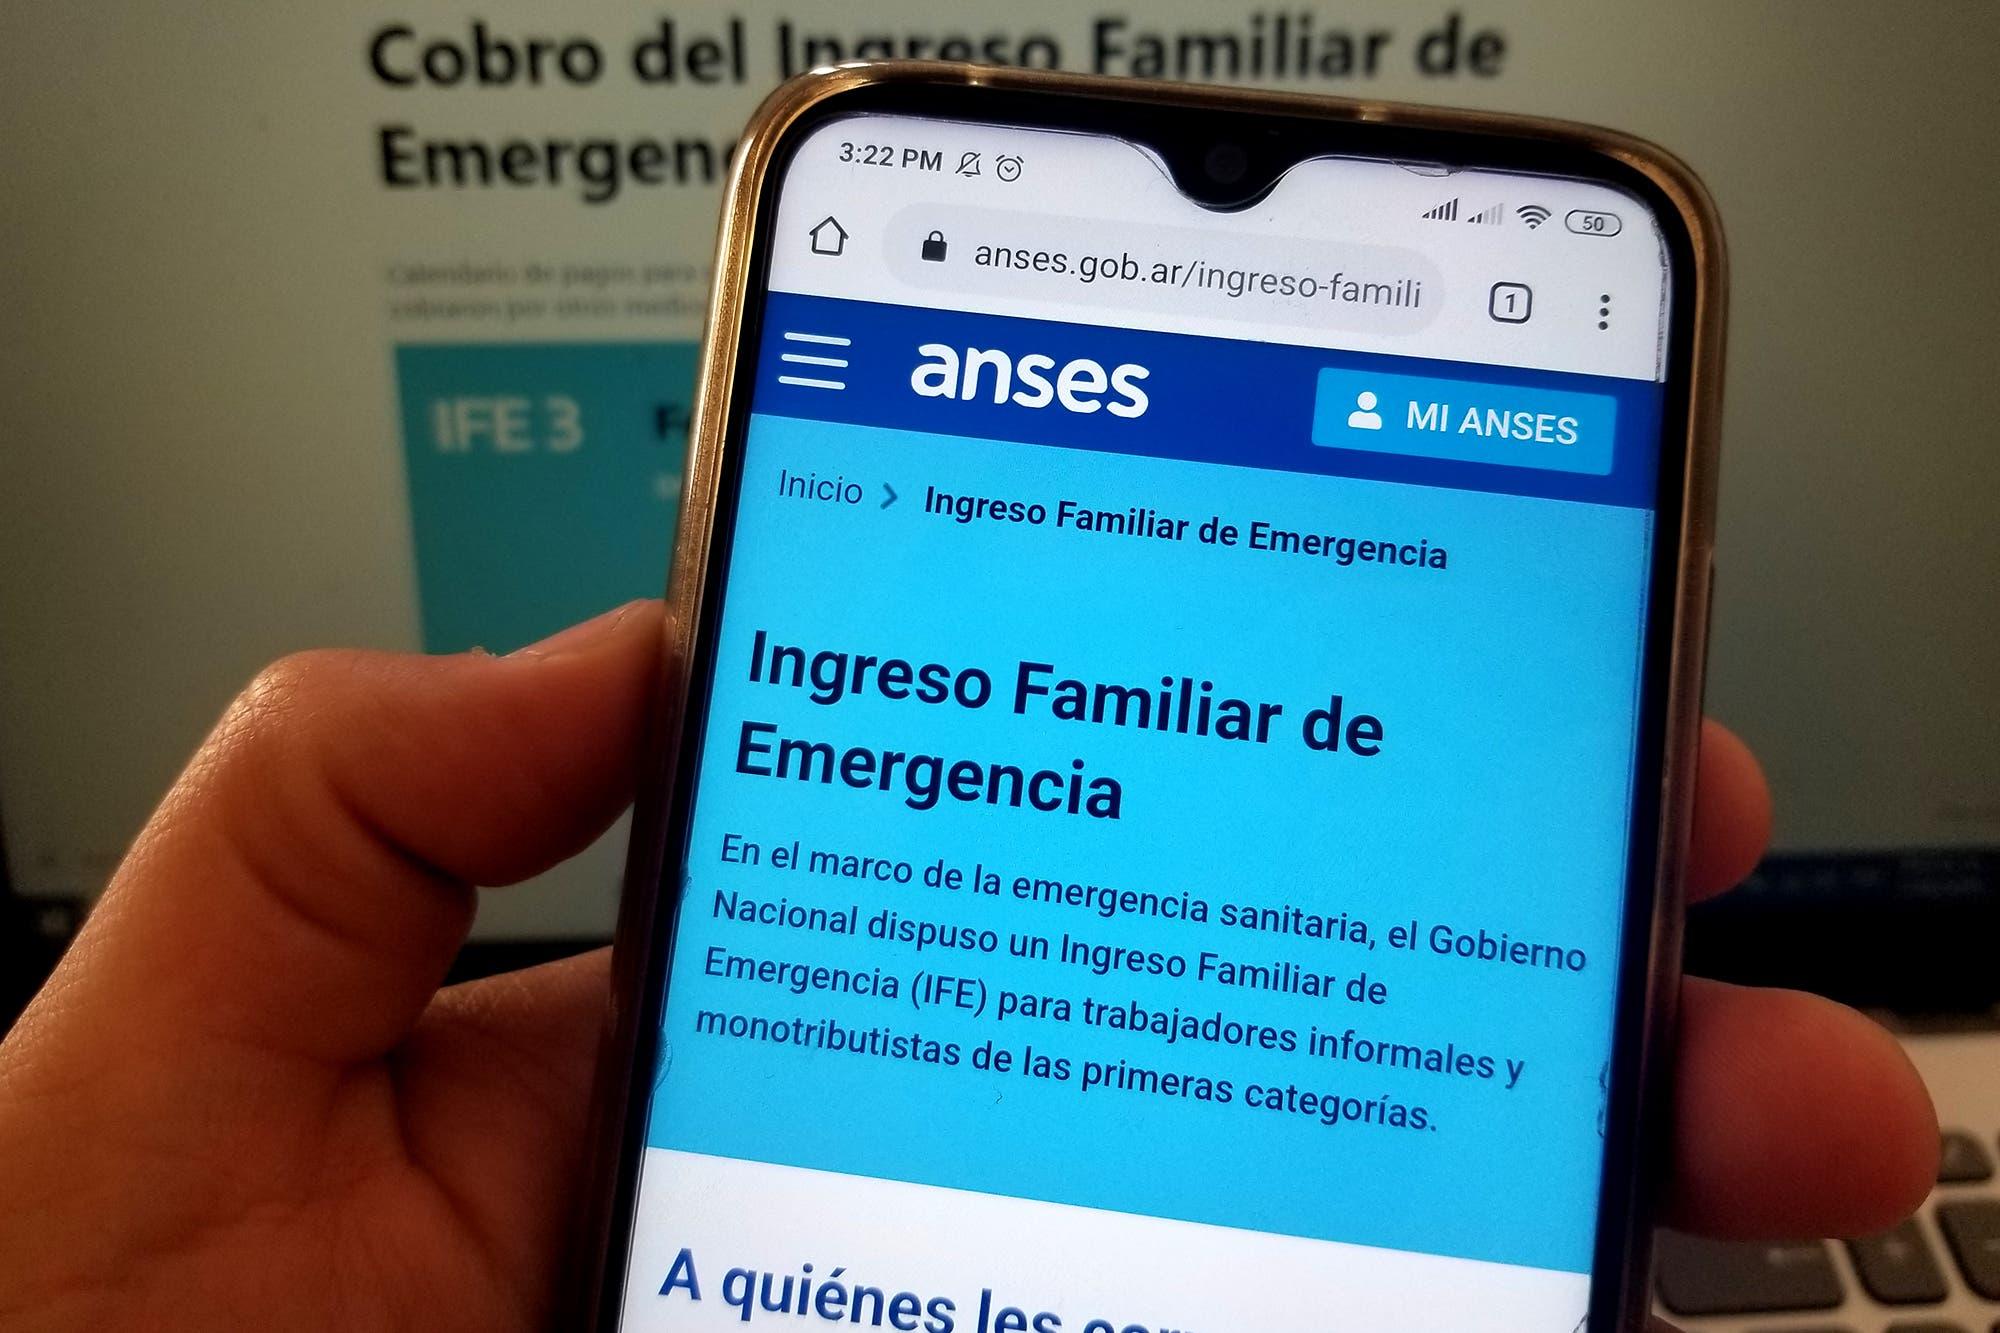 IFE 4 de Anses: qué dijo Alberto Fernández sobre la continuidad del Ingreso Familiar de Emergencia